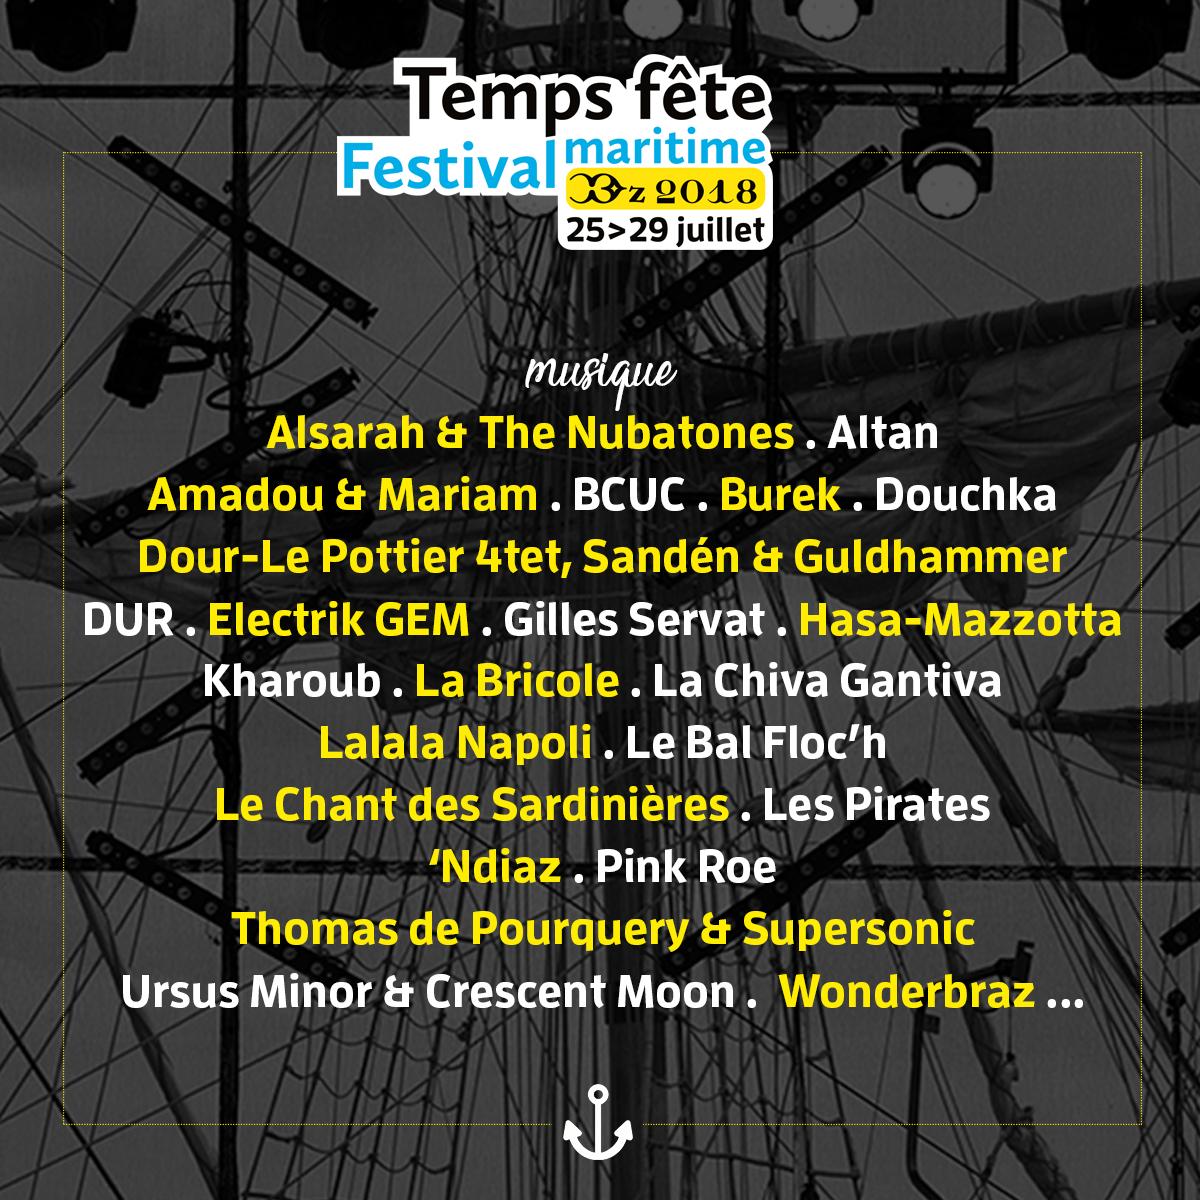 Programmation musicale Temps fête 2018, Douarnenez, festival